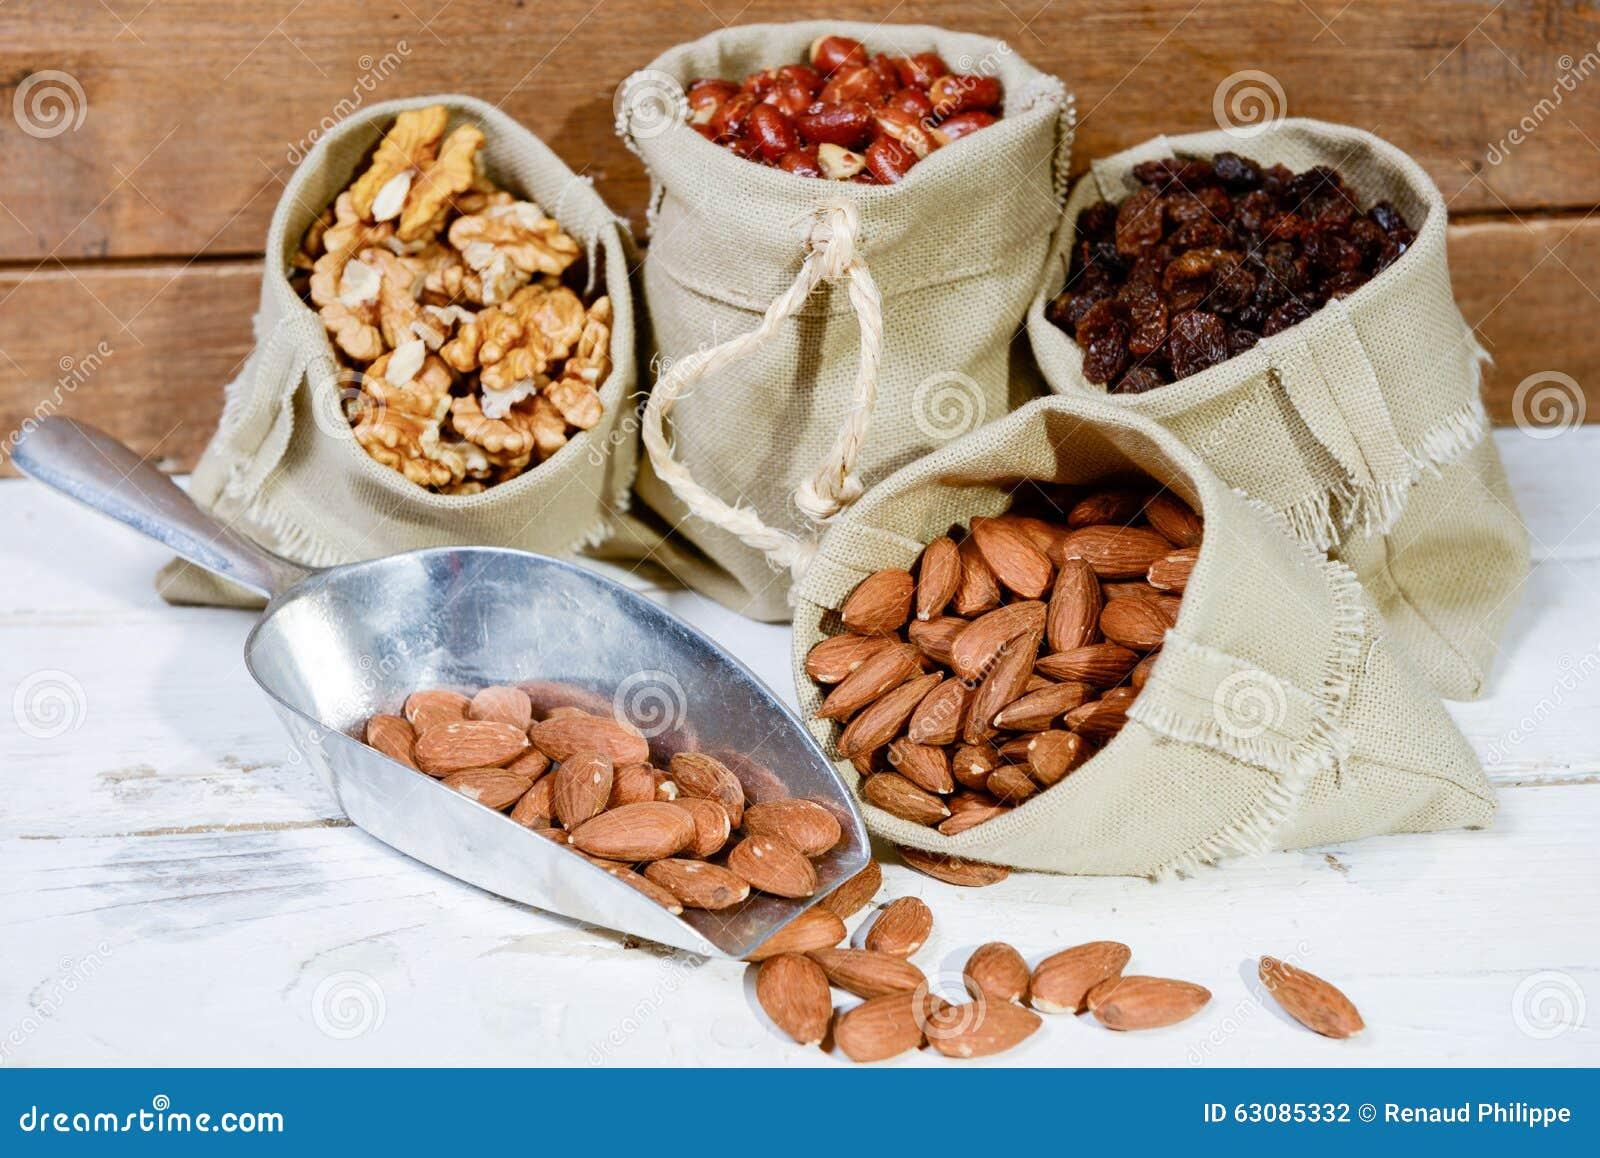 Download Assortiment Des Fruits Secs Dans La Petite Toile De Sacs Photo stock - Image du arachide, trame: 63085332